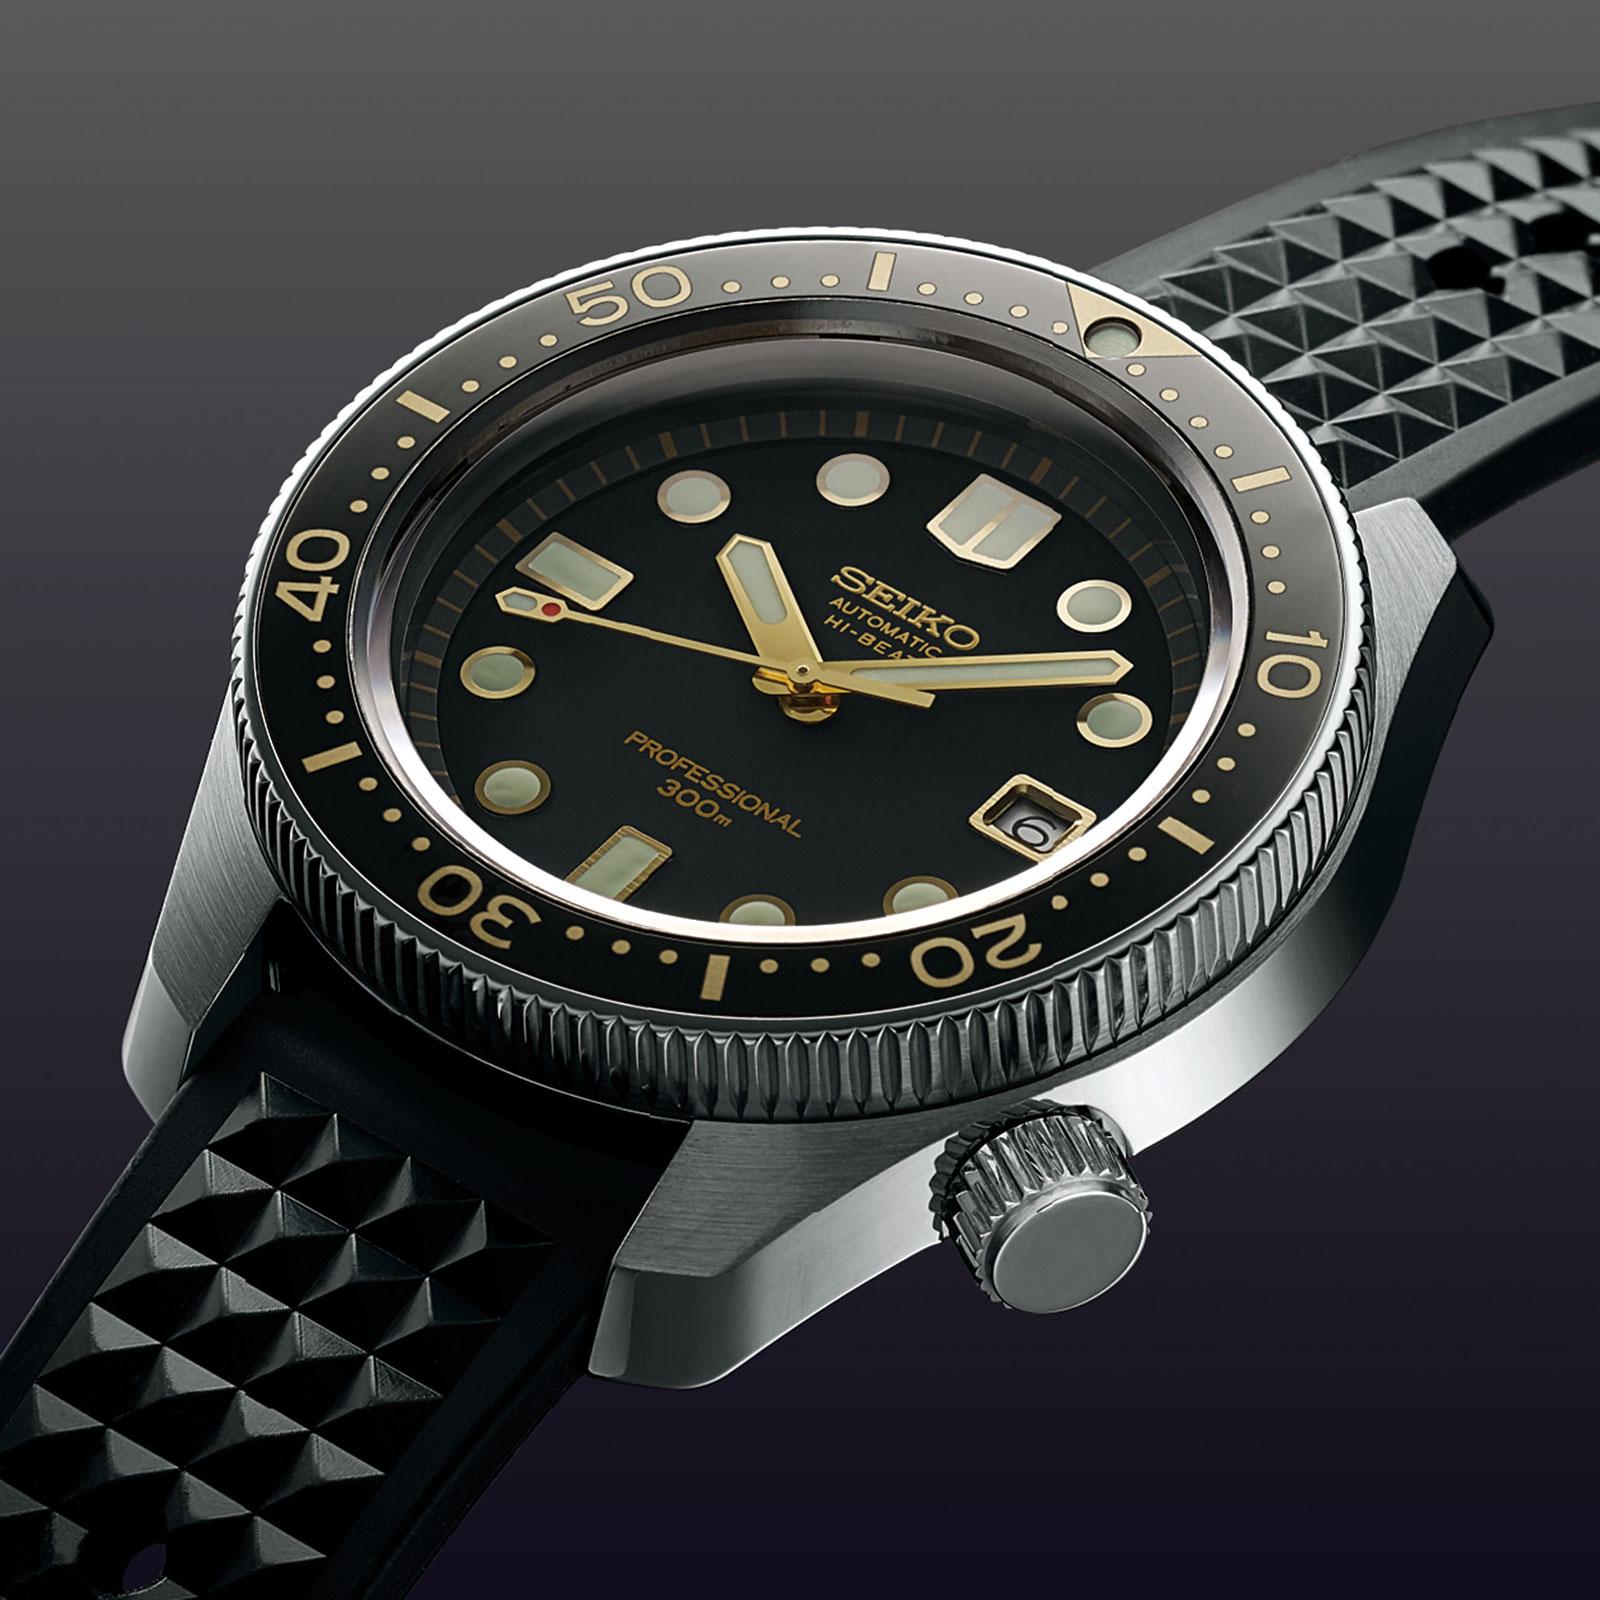 Seiko Prospex 1968 Automatic Diver SLA025-01